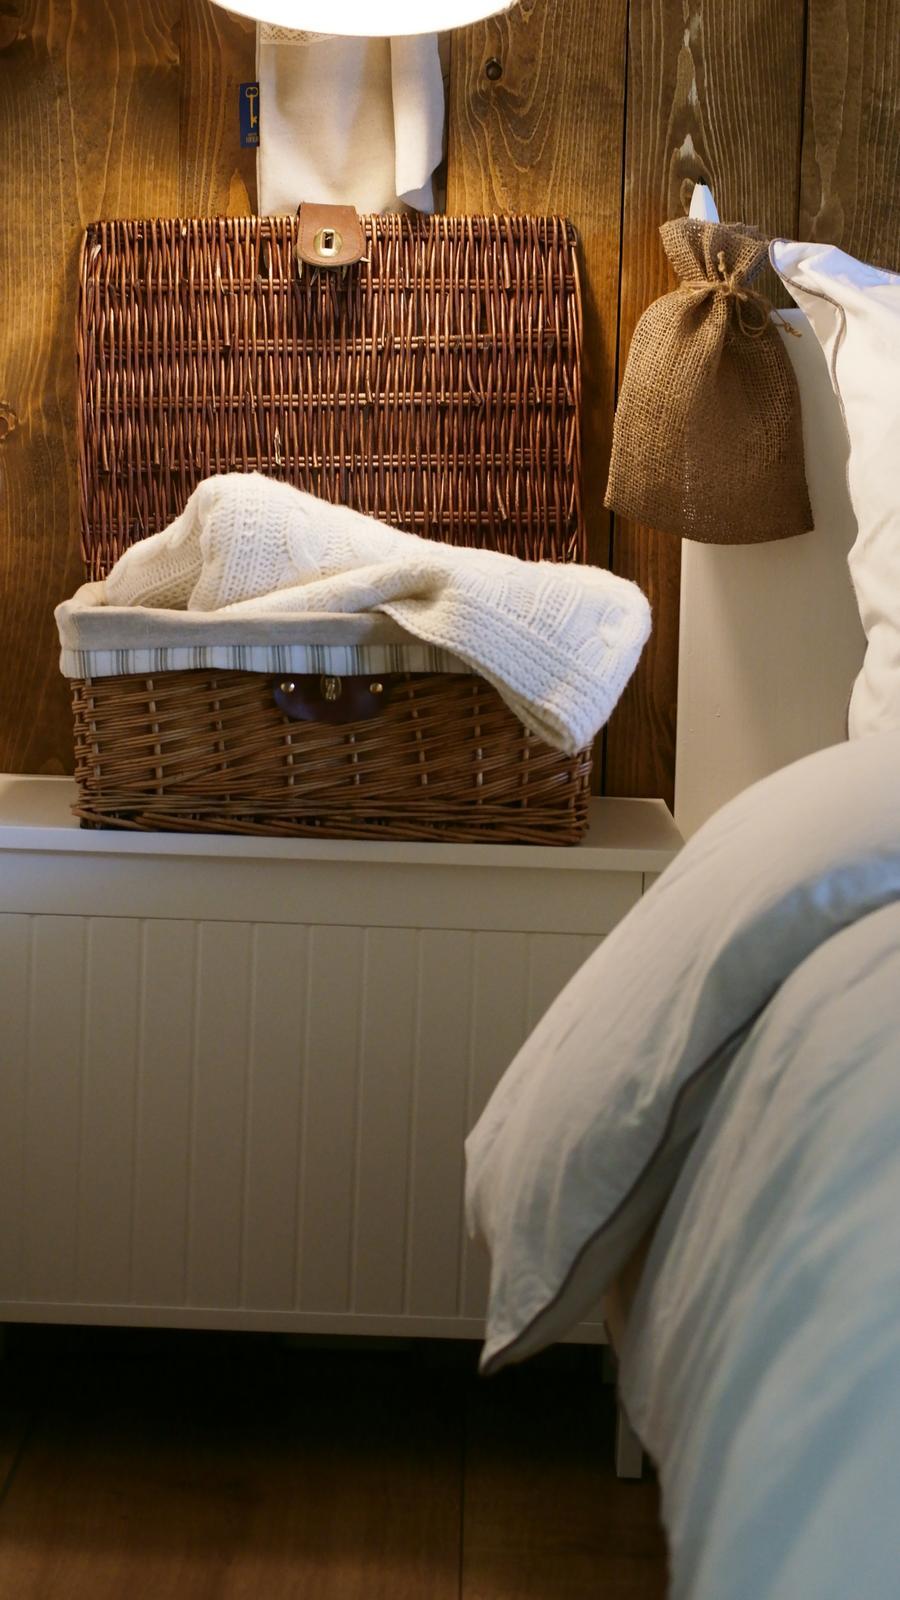 Spálňa - zmena - Asi budem sedieť oproti a čumeť na tú stenu. Je to len drevo, ale už týchto pár dosiek je úplne dokonalé